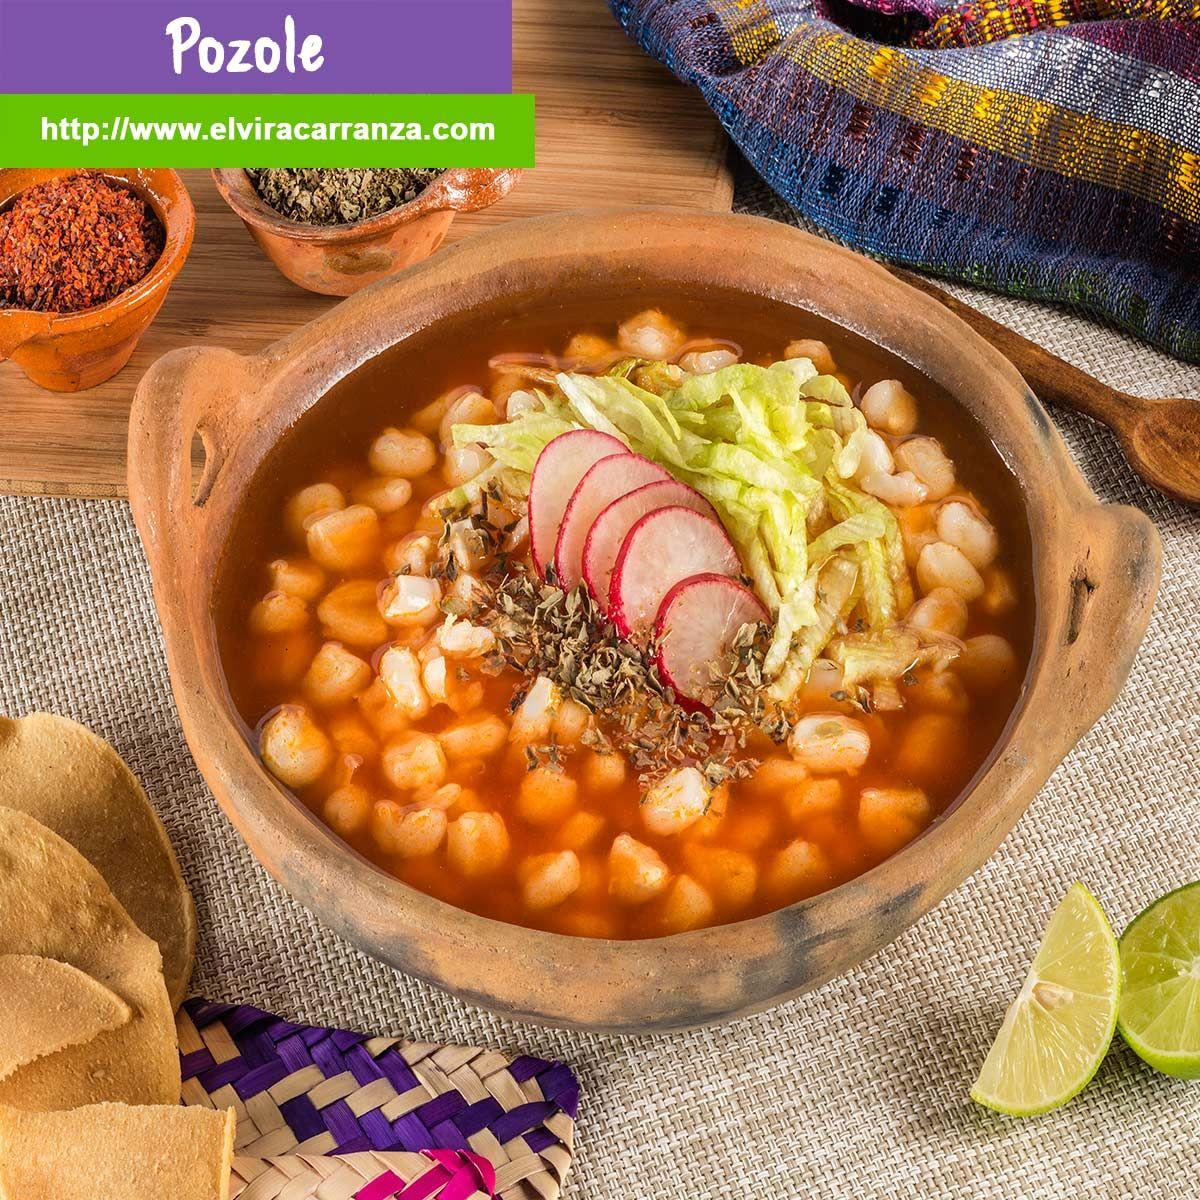 Pozole nombre con que se conoce un guisado mexicano hecho for Como cocinar mazorcas de maiz